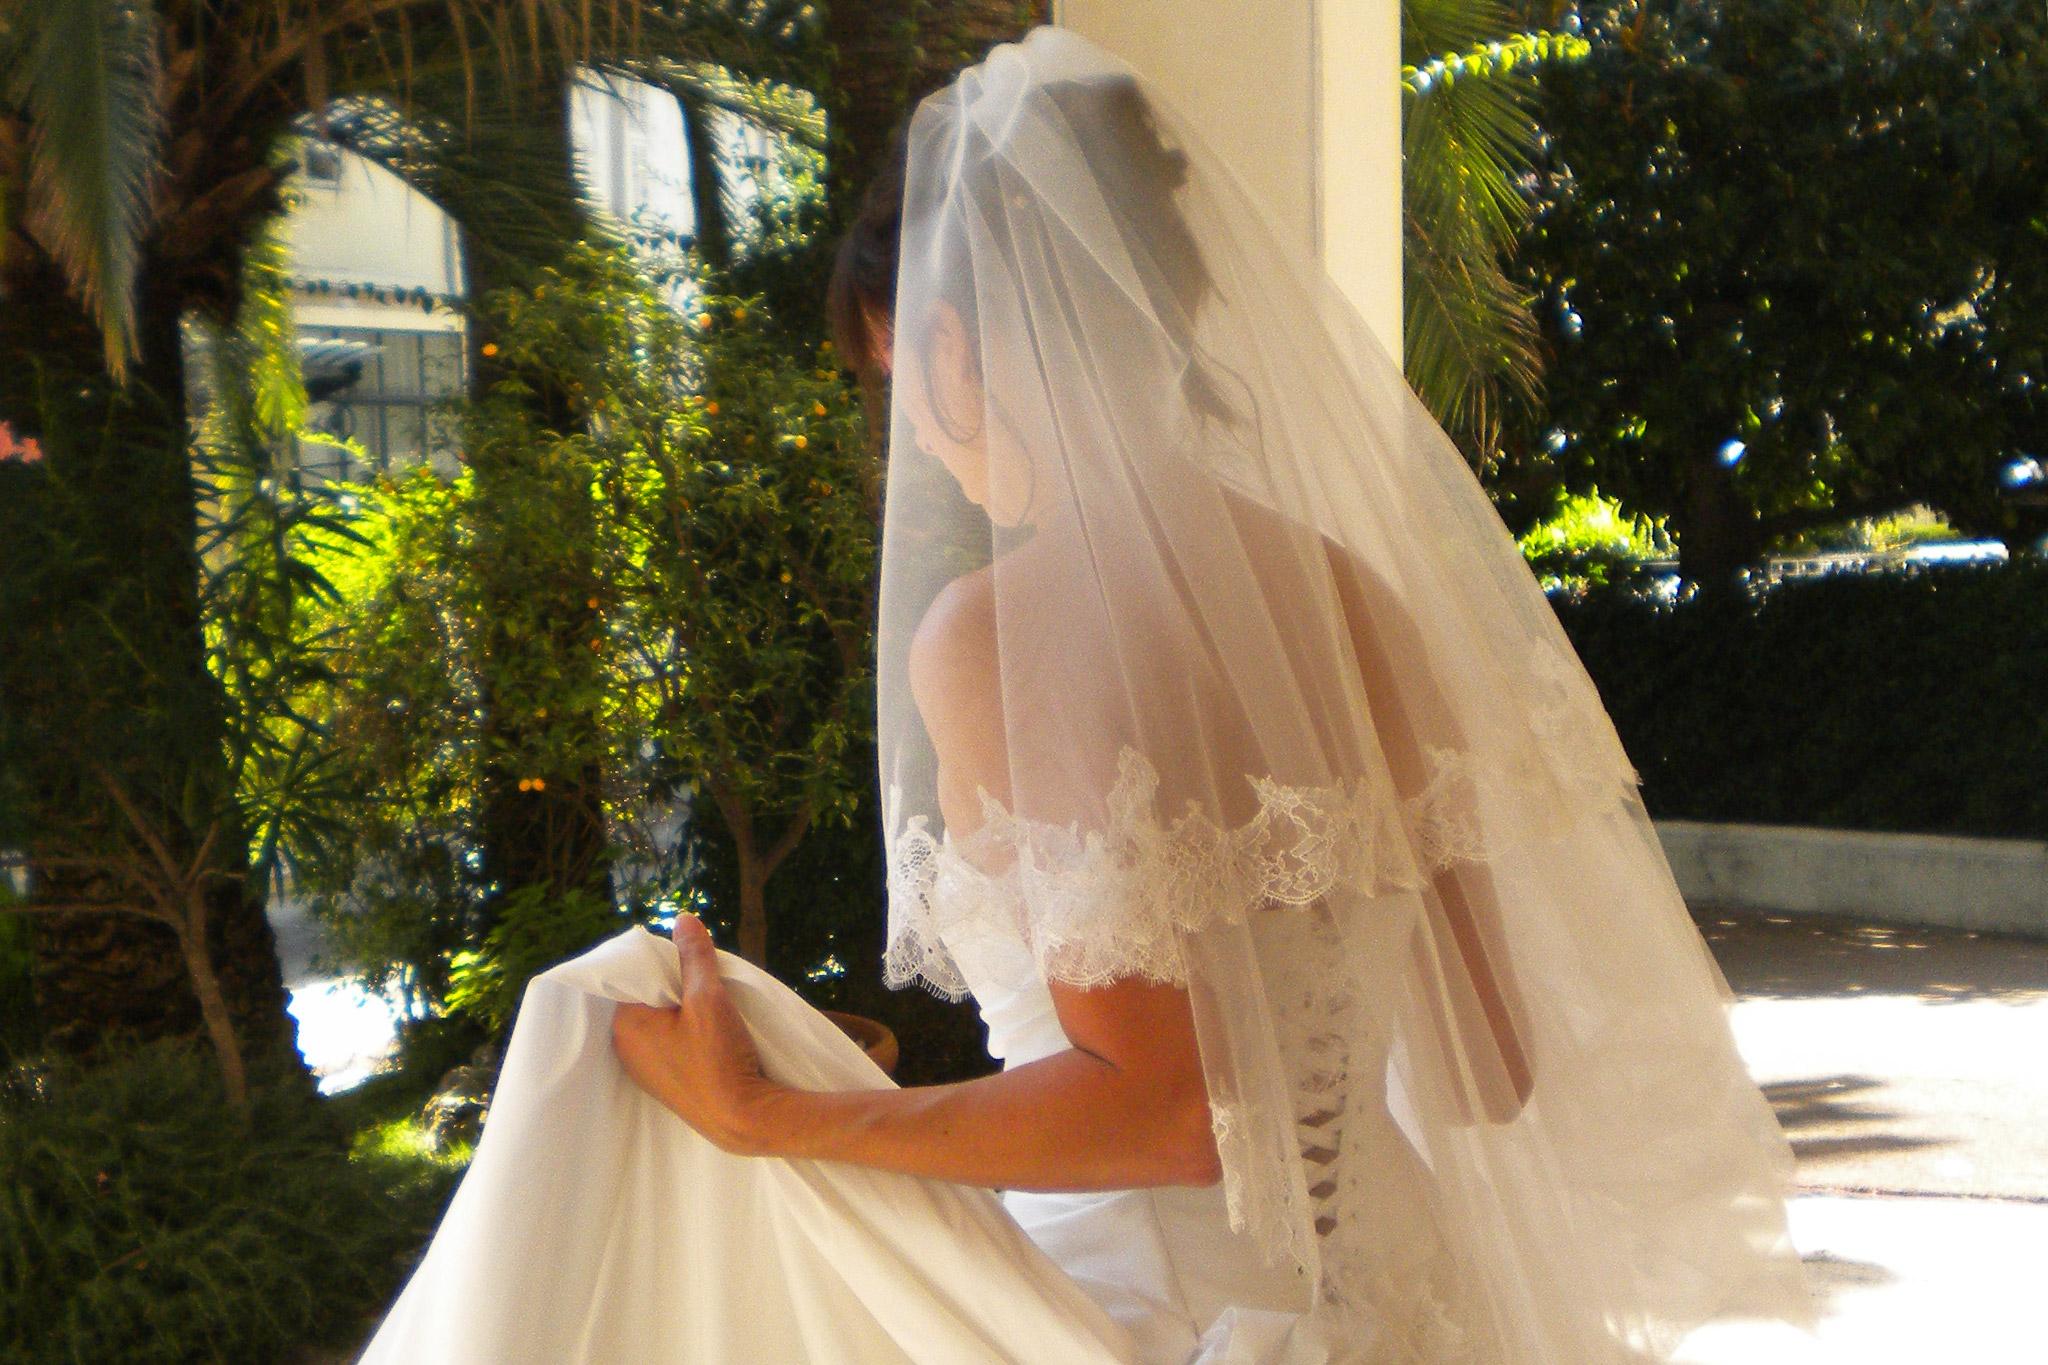 soins-naturels-nice-mariage